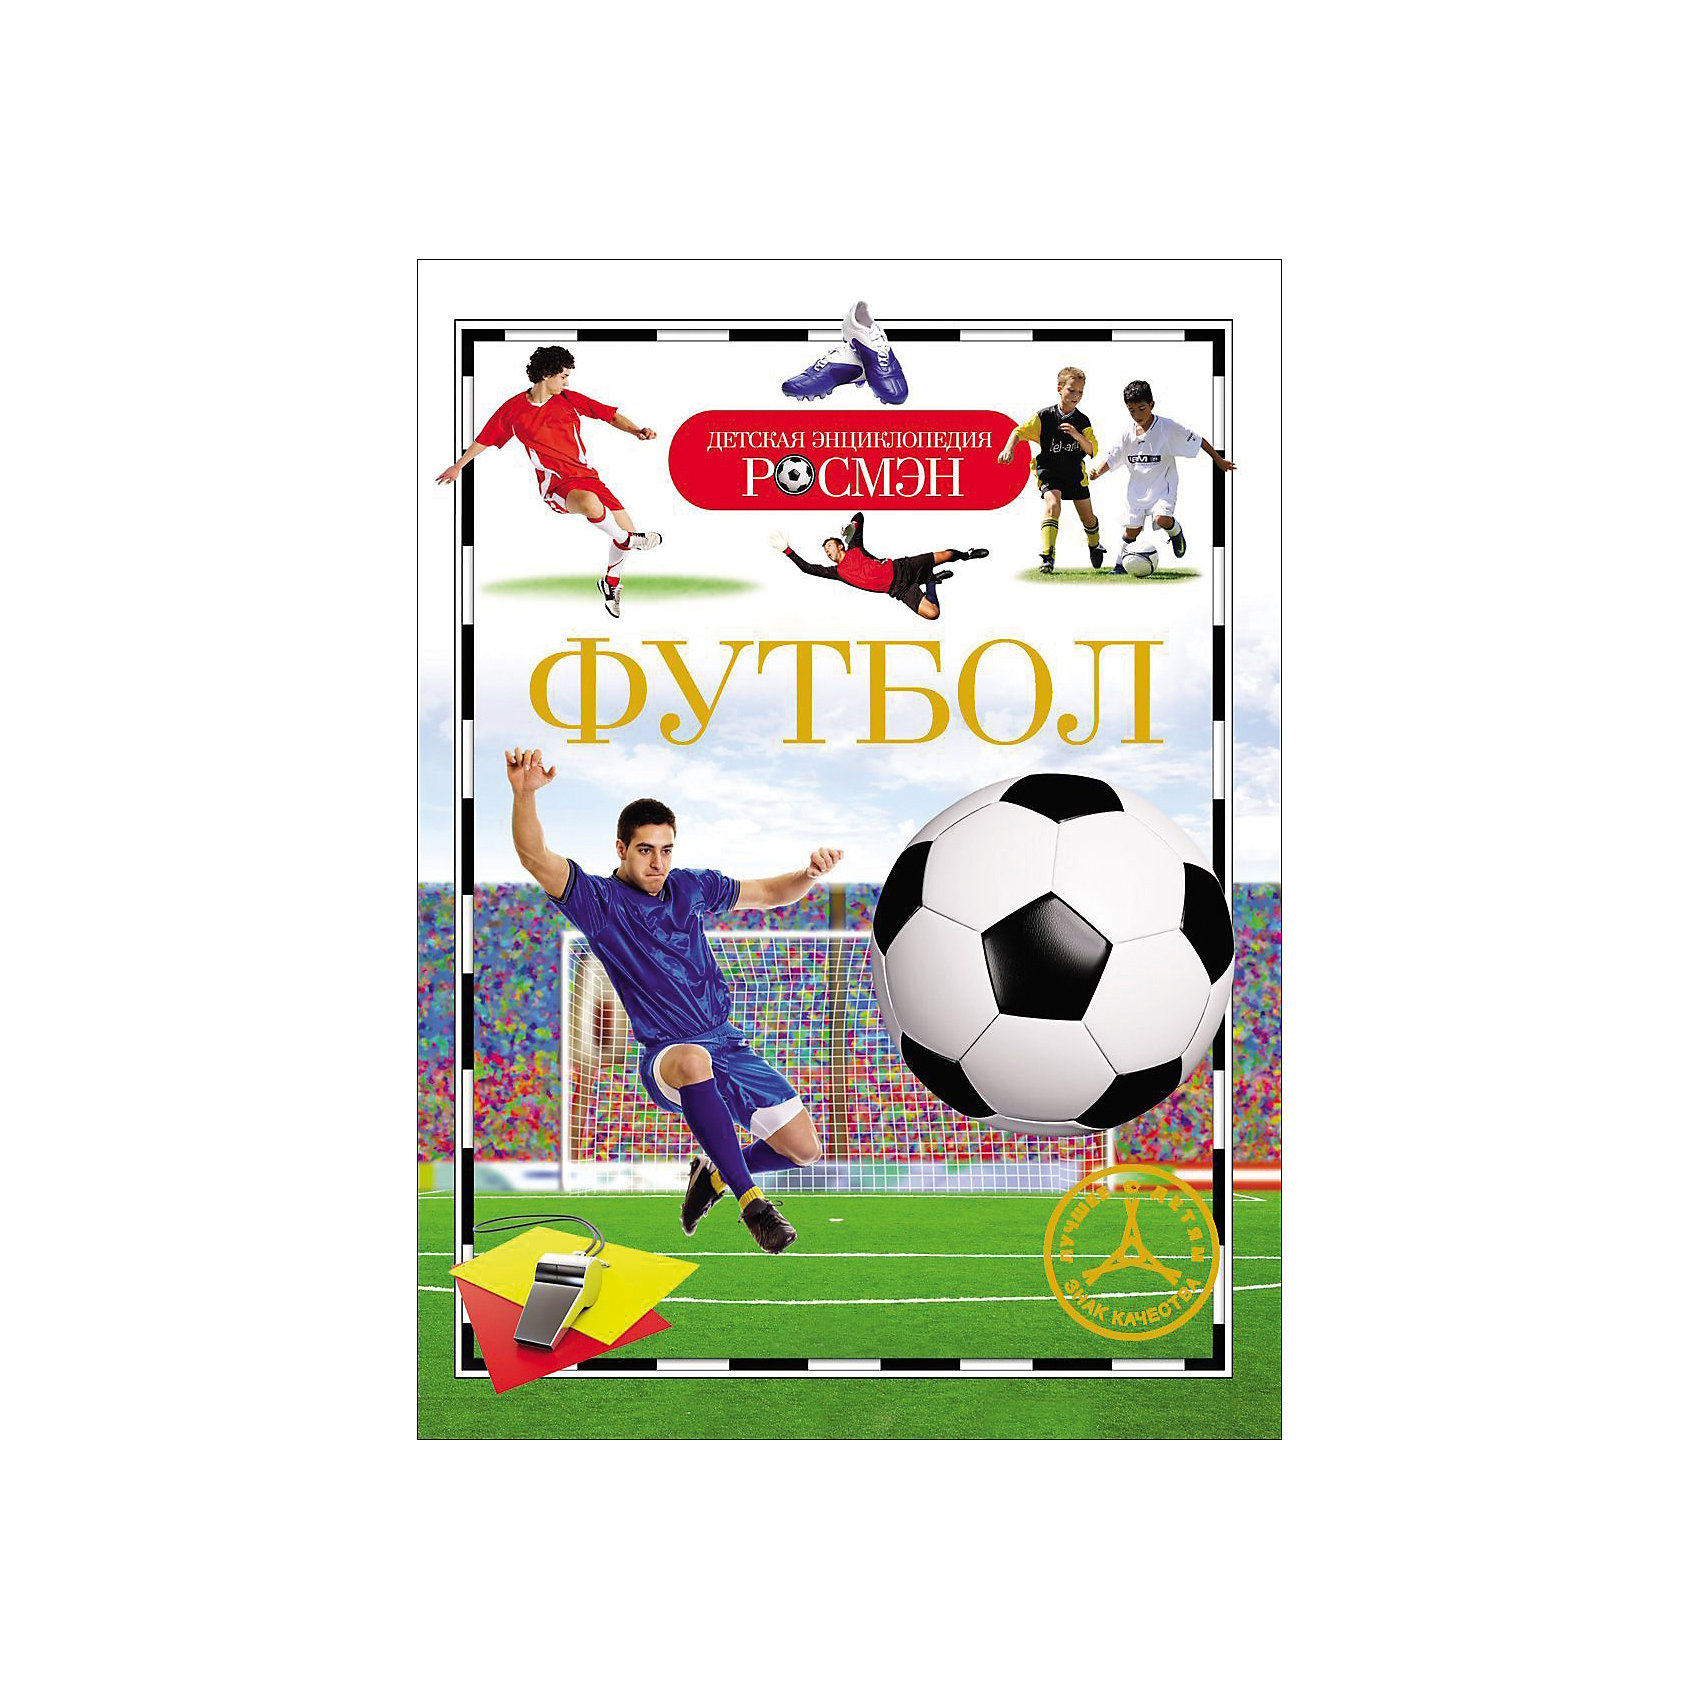 ФутболЭнциклопедии<br>Football (Футбол)<br><br>Характеристики:<br><br>• Серия: детская энциклопедия РОСМЭН<br>• Формат: 220х165<br>• Переплет: твердый переплет<br>• Количество страниц: 96<br>• Бумага: целлофанированная или лакированная<br>• Цветные иллюстрации: да<br>• Вес в упаковке: 224 г<br><br>Самый популярный сегодня командный вид спорта – футбол – это огромная страна, не имеющая границ, однако говорящая на одном языке. Никакая другая игра не имеет такой силы объединять и разделять людей. На протяжении всего своего существования, с момента появления в XIX в. и до нынешнего победного шествия по планете, футбол втягивает в свою орбиту миллионы людей.  Цель данной энциклопедии – познакомить читателя с историей футбола, крупнейшими спортивными мероприятиями, самыми популярными матчами, прославленными клубами, знаменитыми игроками.&#13;<br><br>Книгу «Футбол» можно купить в нашем интернет-магазине.<br><br>Ширина мм: 220<br>Глубина мм: 165<br>Высота мм: 7<br>Вес г: 227<br>Возраст от месяцев: 84<br>Возраст до месяцев: 108<br>Пол: Унисекс<br>Возраст: Детский<br>SKU: 5110152